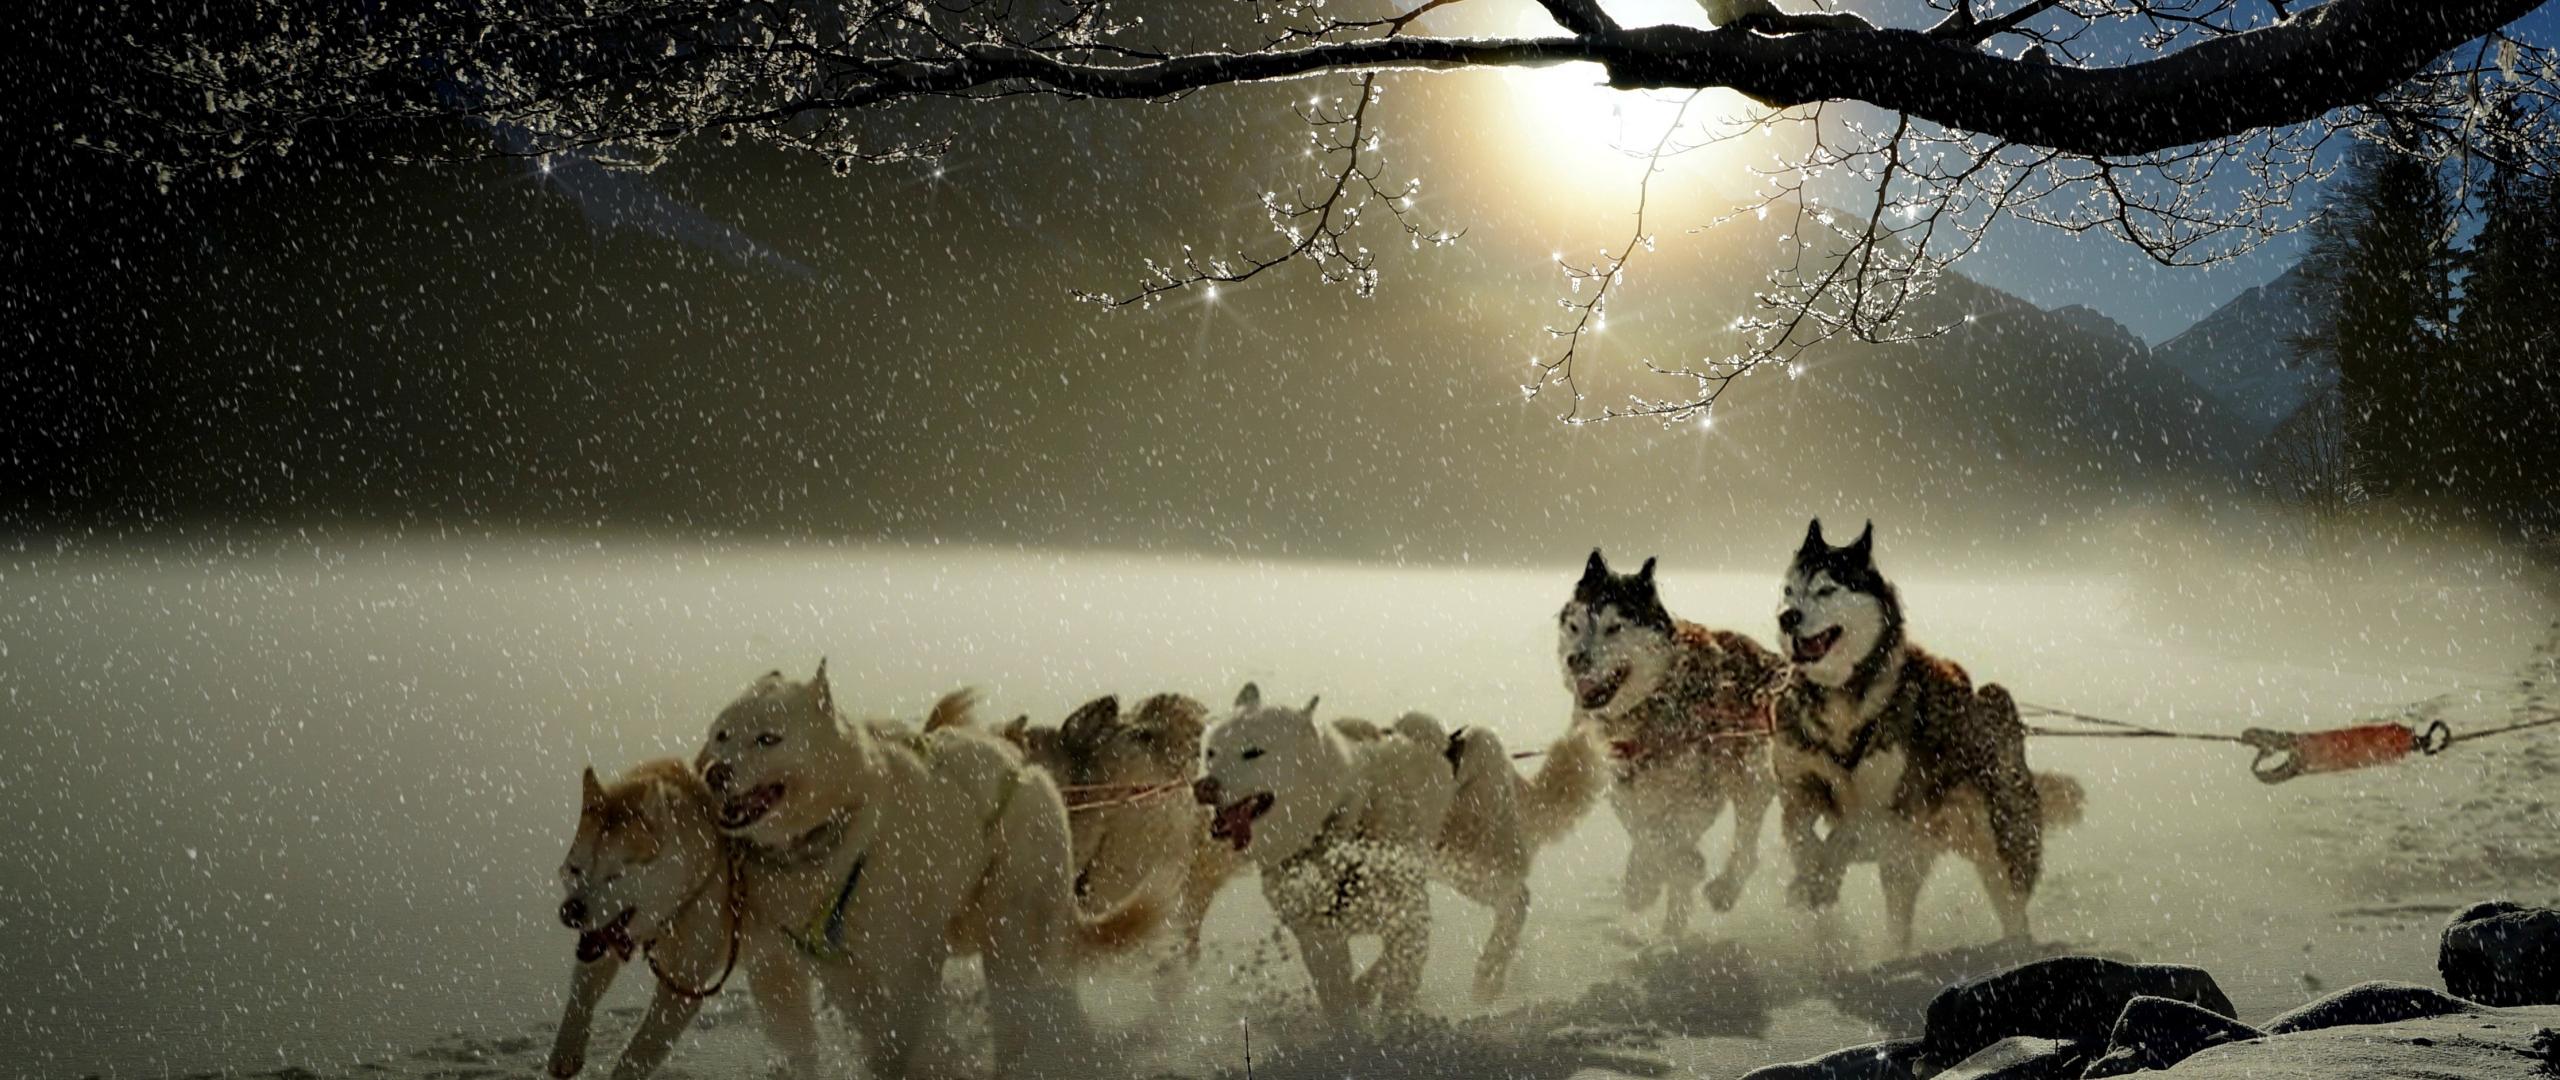 Dogs, run, winter, outdoor, 2560x1080 wallpaper